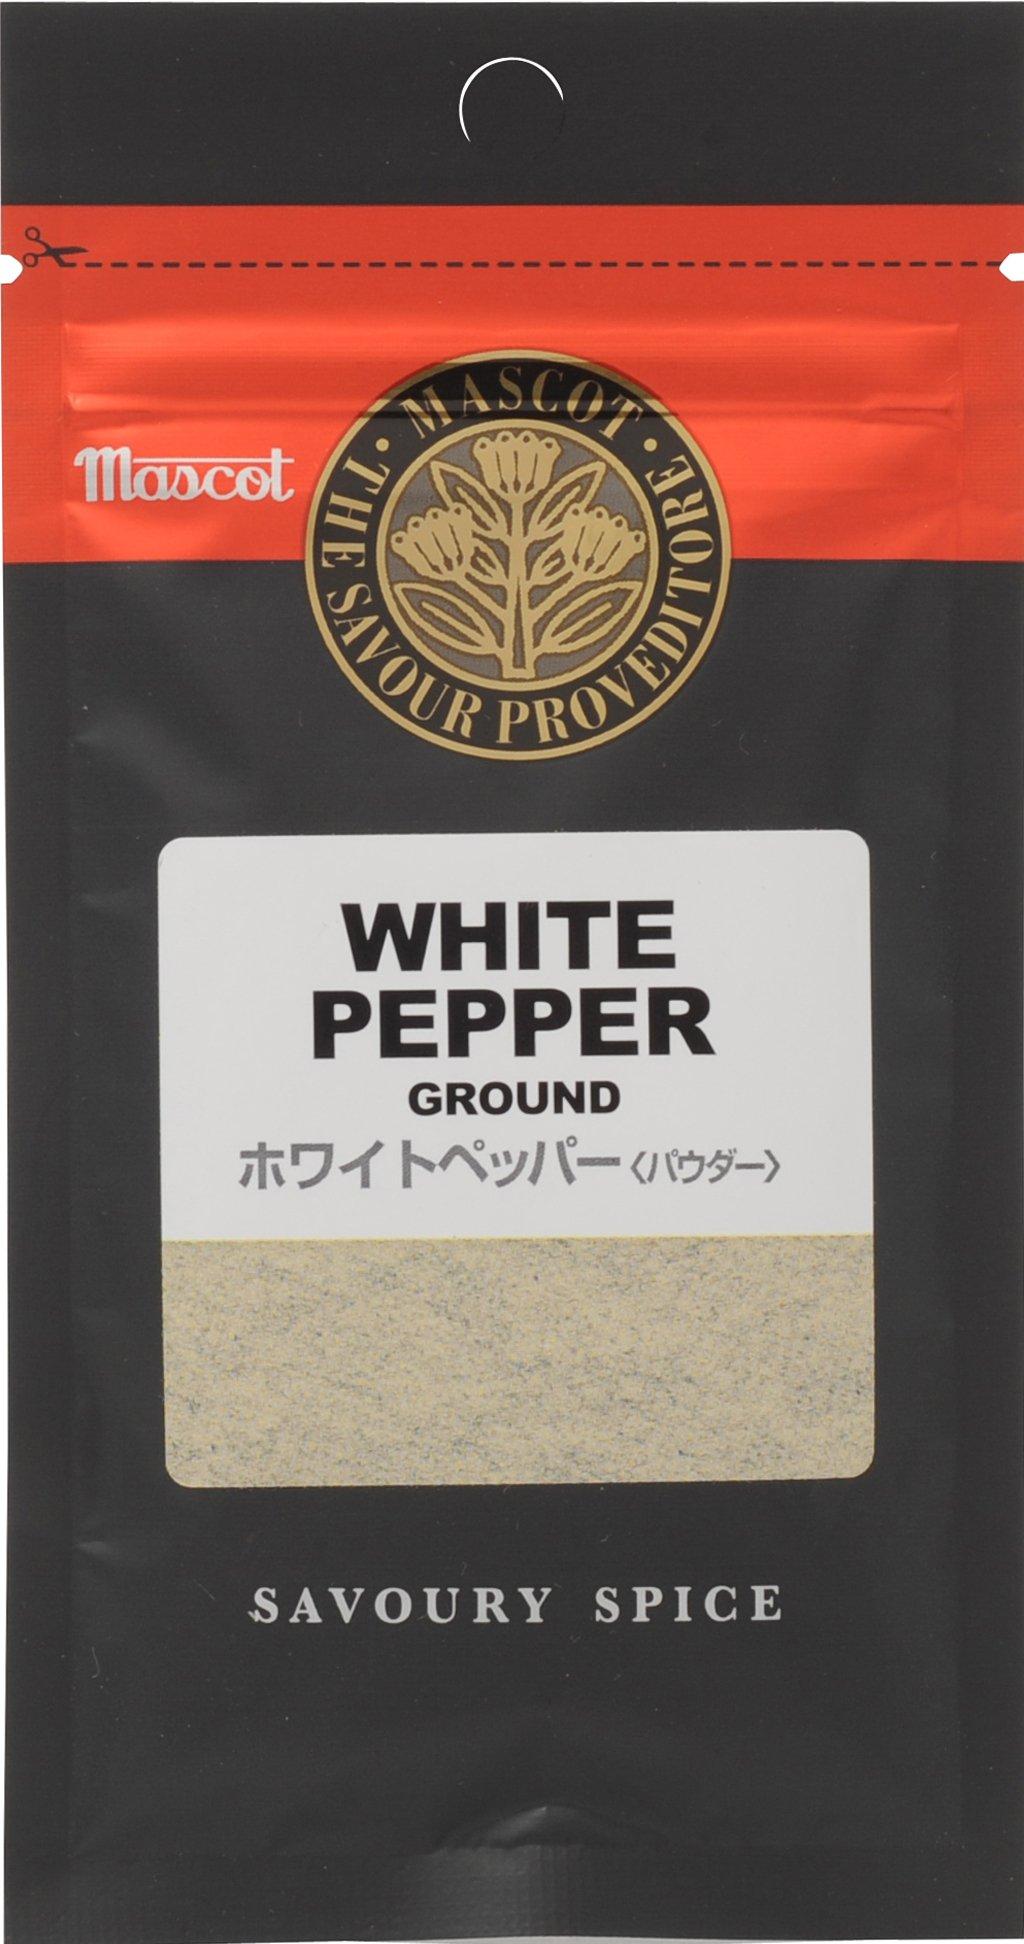 Mascot bag input white pepper & lt; Powder & gt; 18g